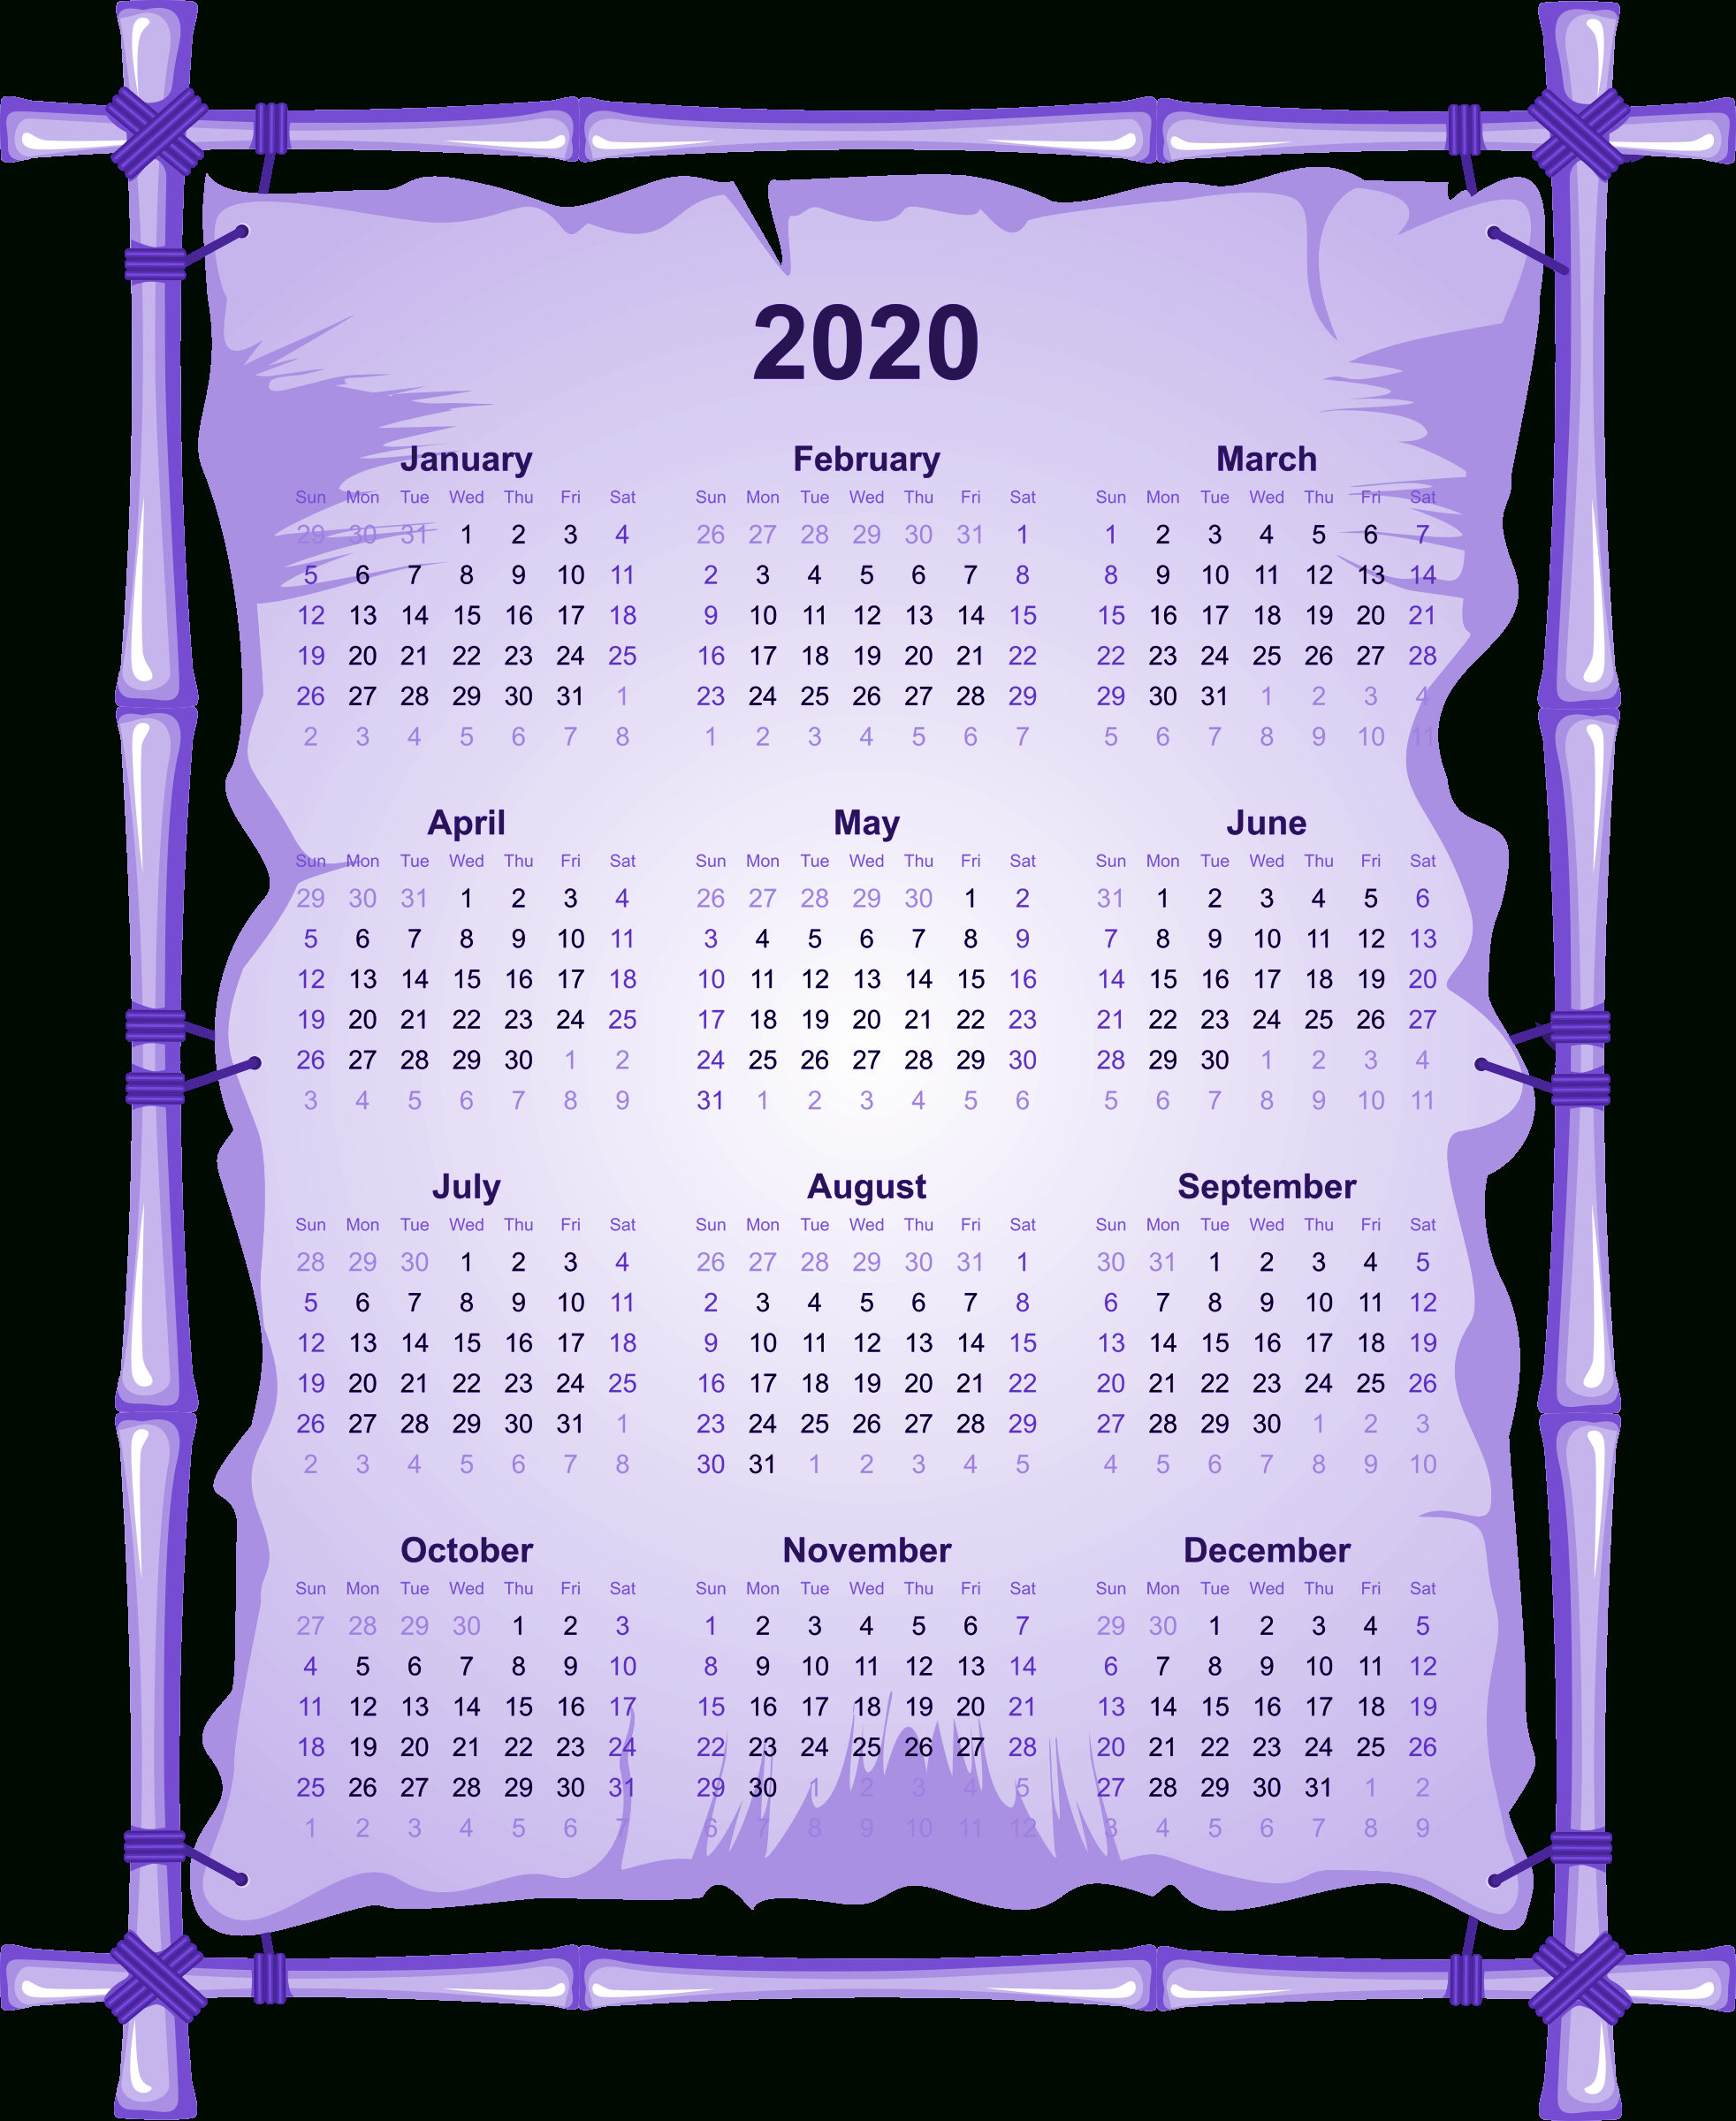 2020 Calendar Png Transparent Images | Png All intended for November Calendar 2020 Transparent